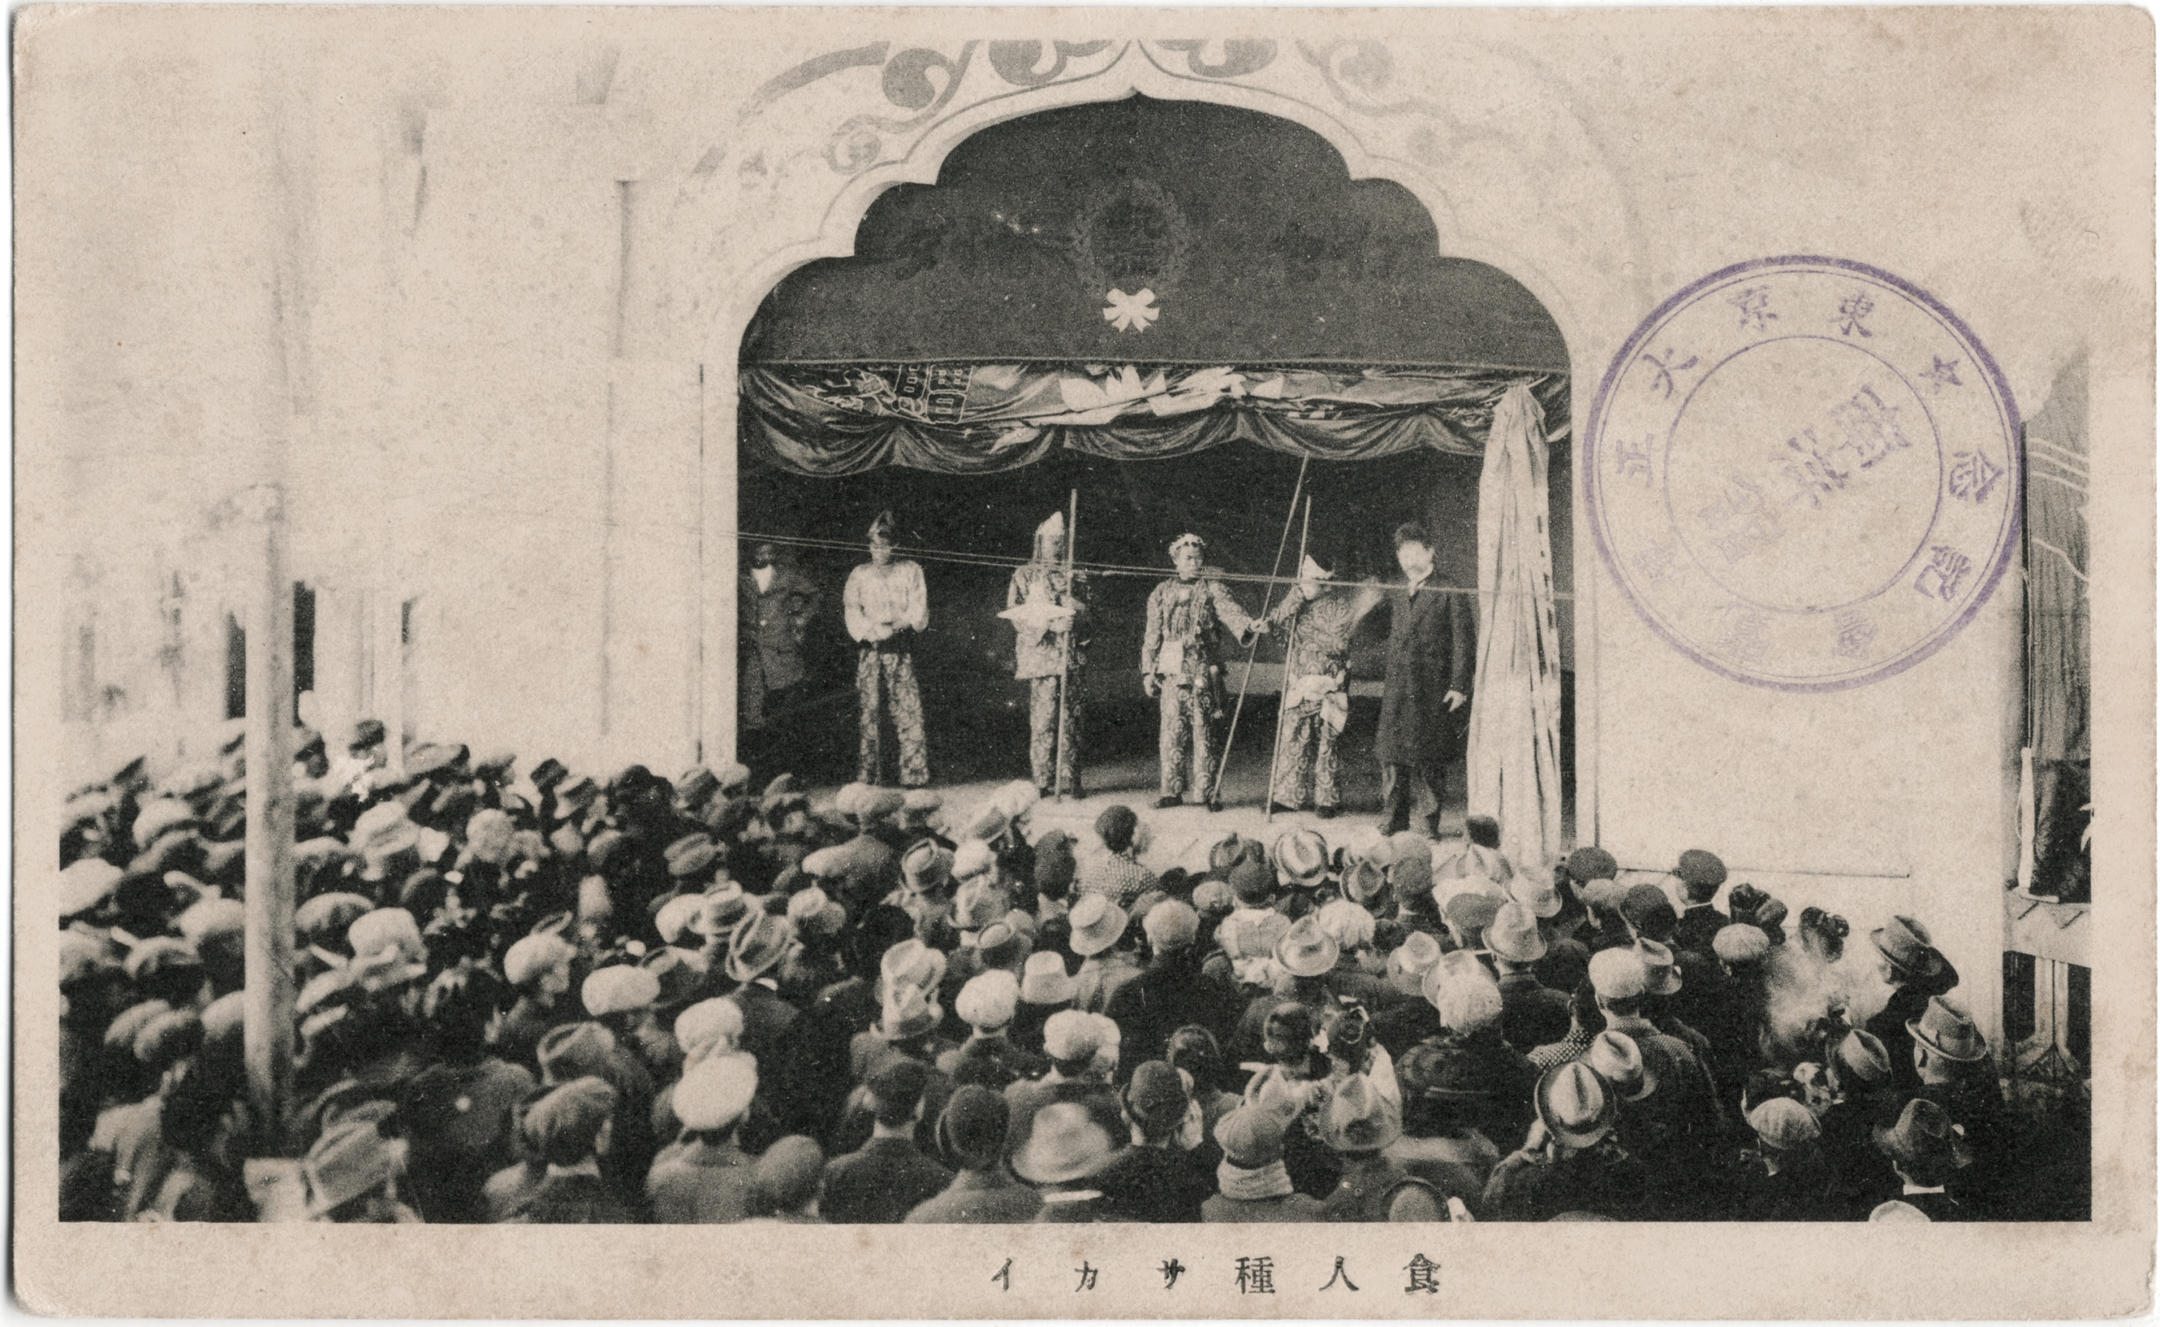 Exhibition de Coréens, au Japon en 1914.